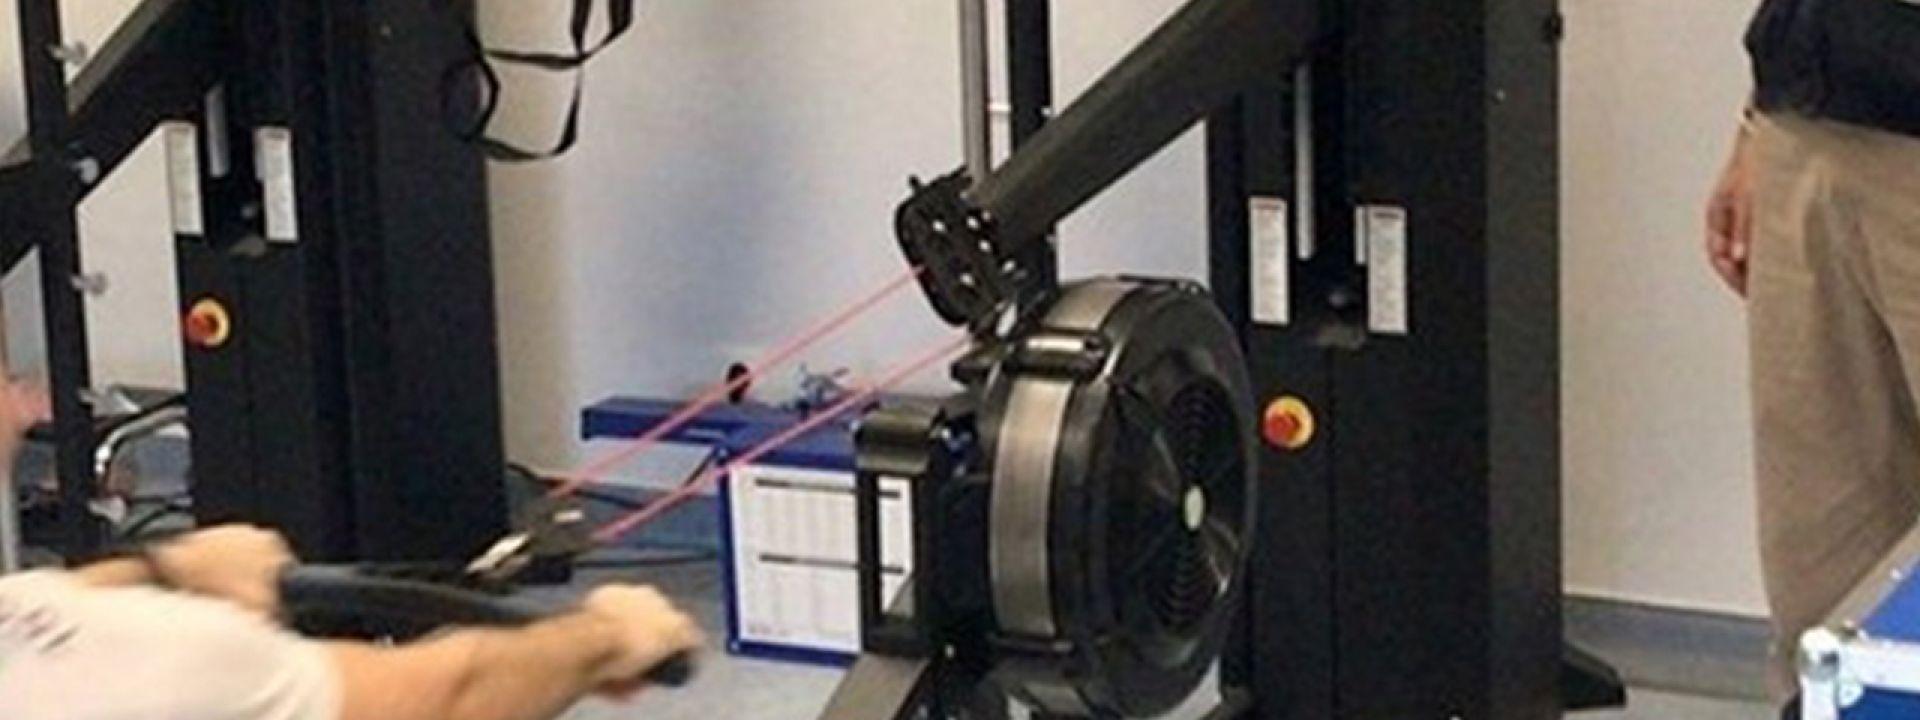 Φωτογραφία απο μάθημα γνωριμίας με τον αθλητικό τεχνολογικό εξοπλισμό